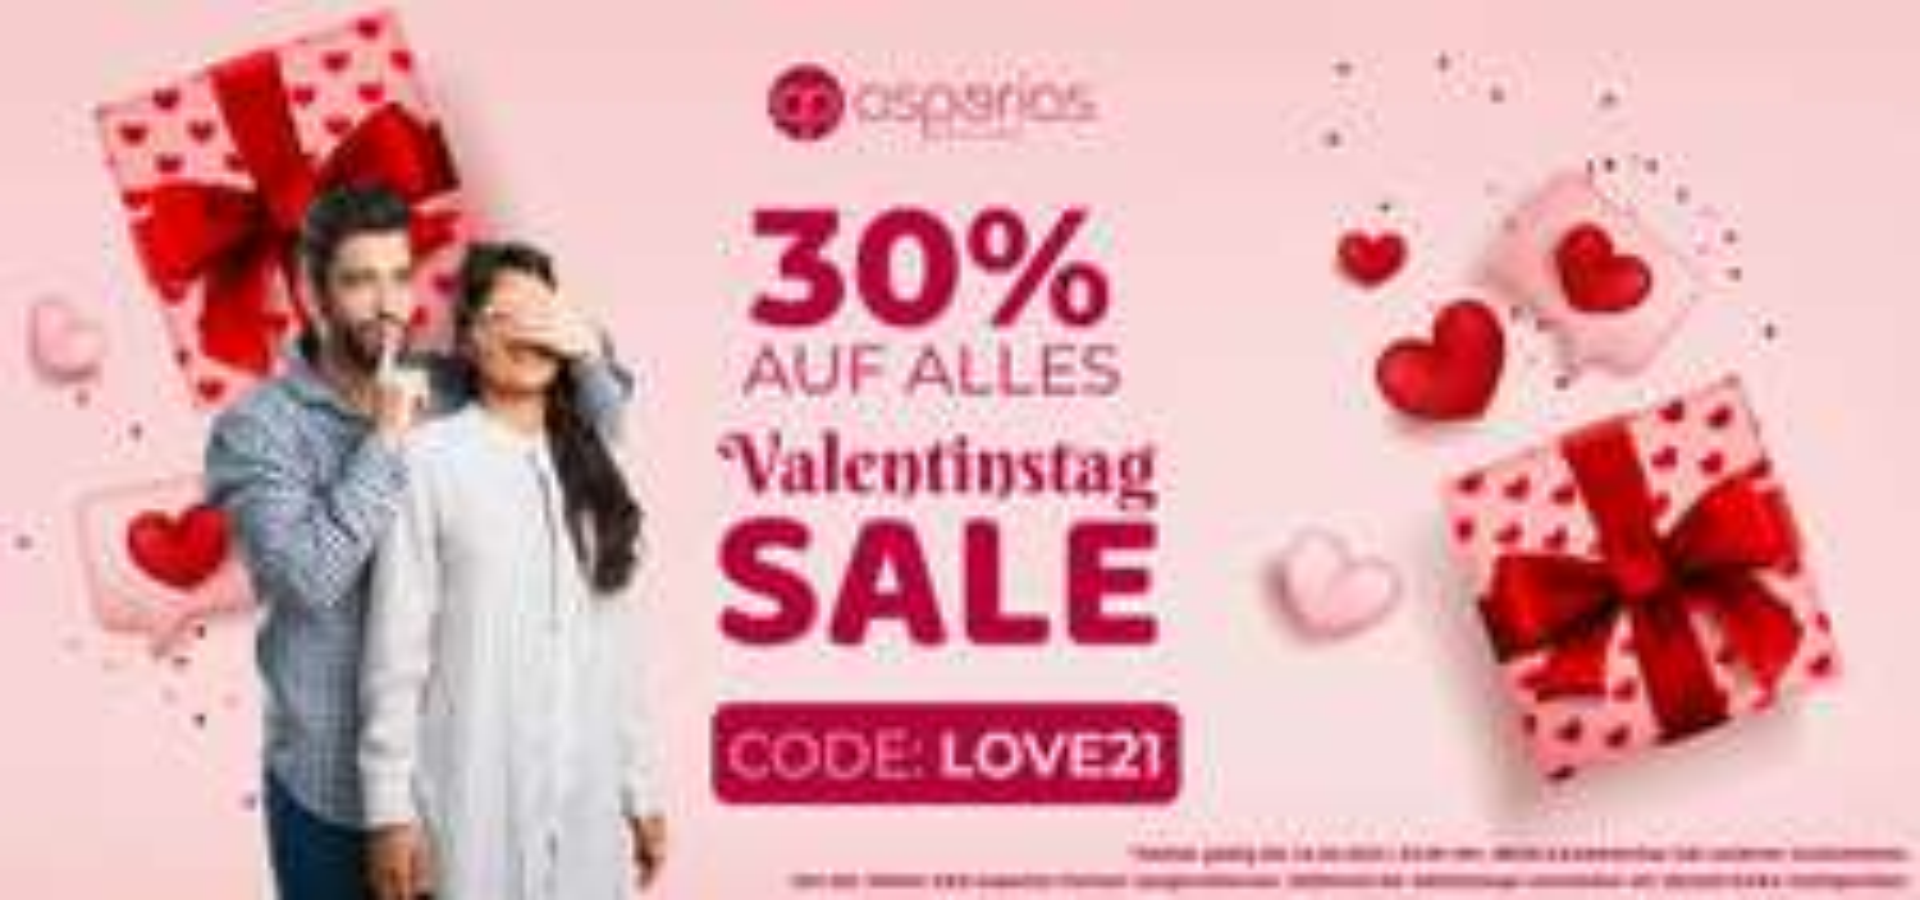 ASPERIAS Valentinstag Sale 30 % auf Alles 08.02.- 14.02.2021